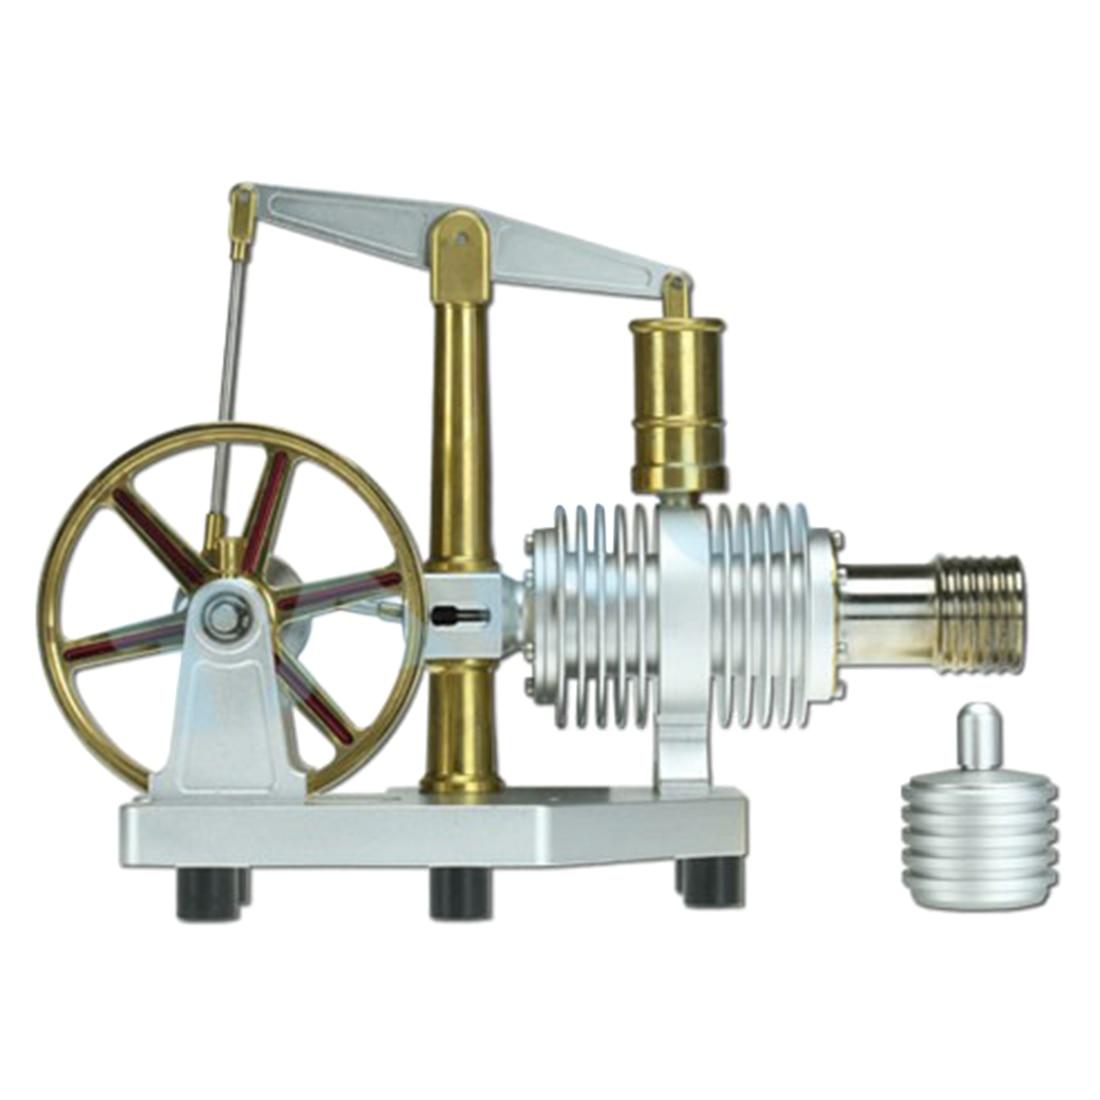 Grande Capacità Caldaia Design All-metallo Balance Tipo Stirling Modello Del Motore Giocattolo